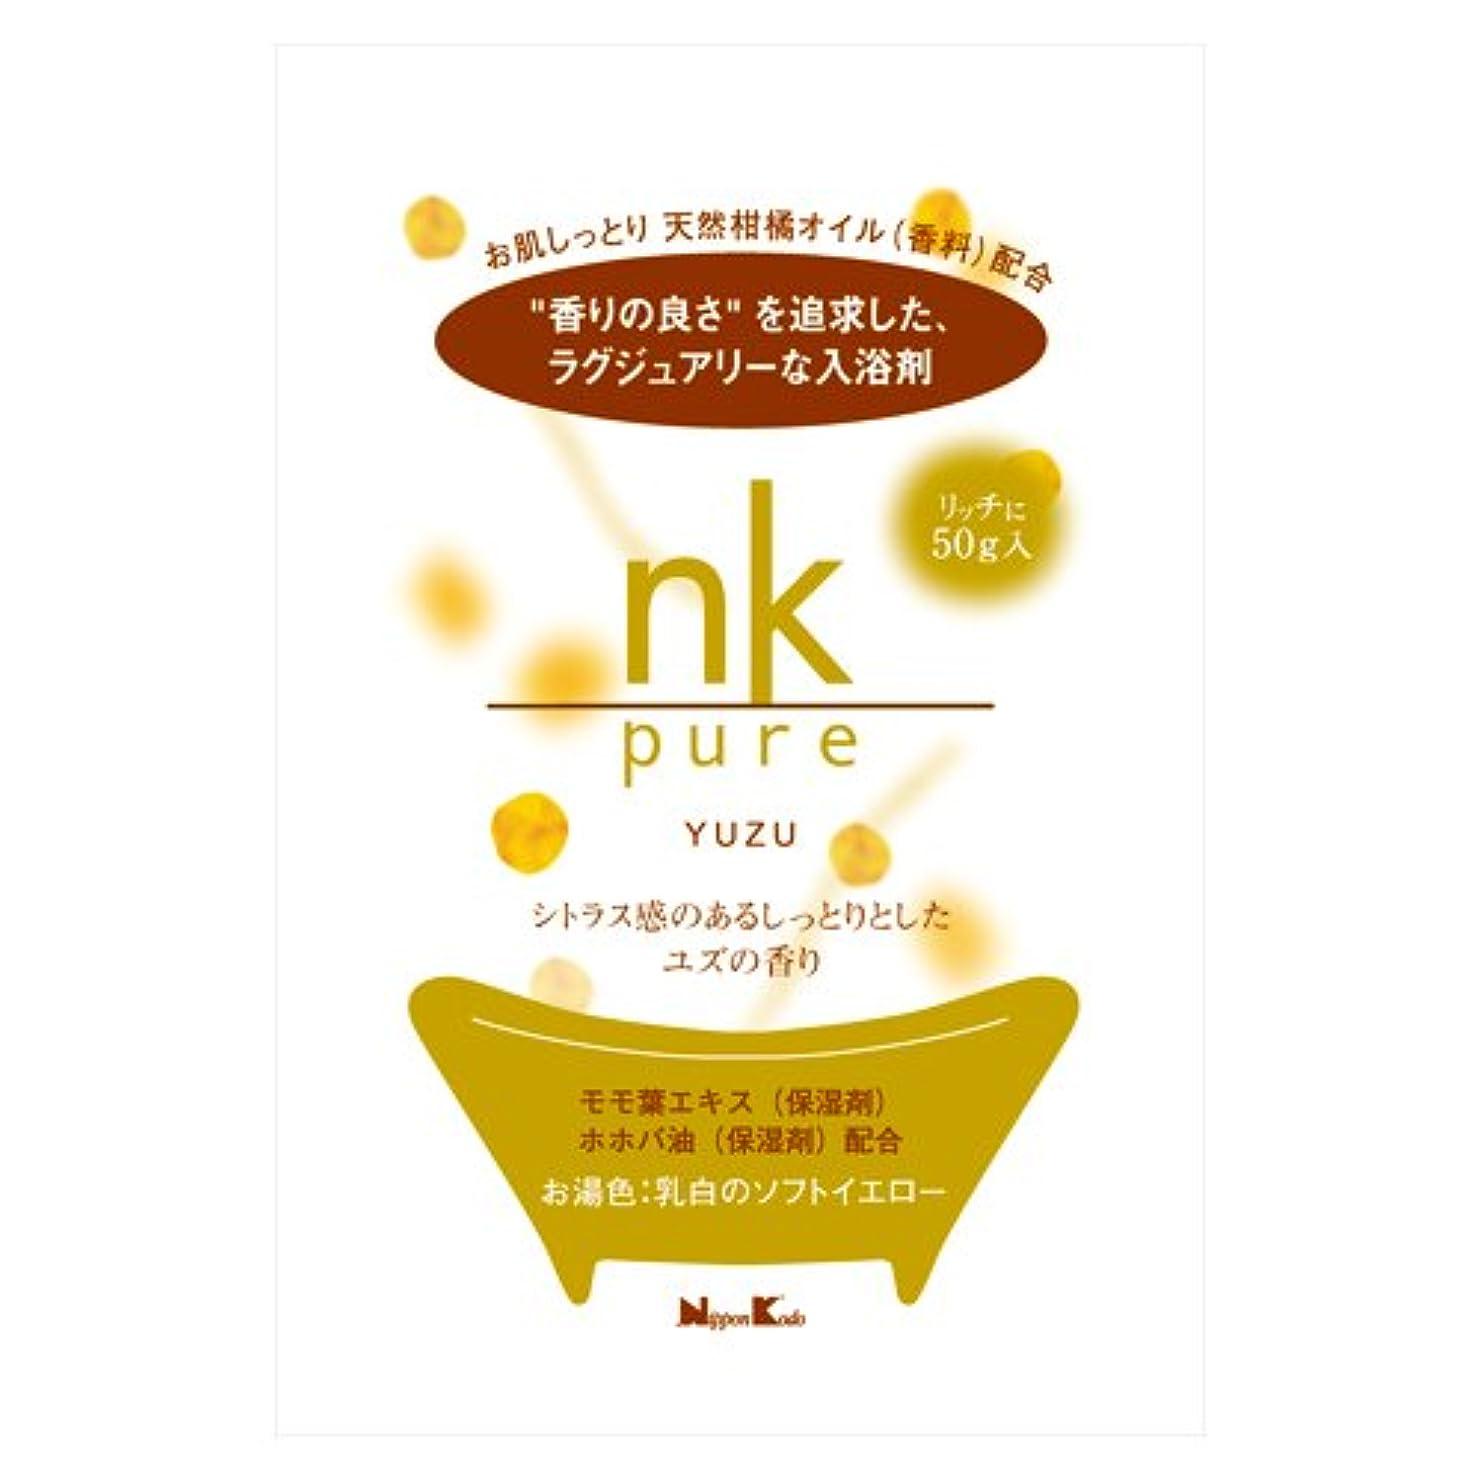 メディックログ成人期【X10個セット】 nk pure 入浴剤 ユズ 50g